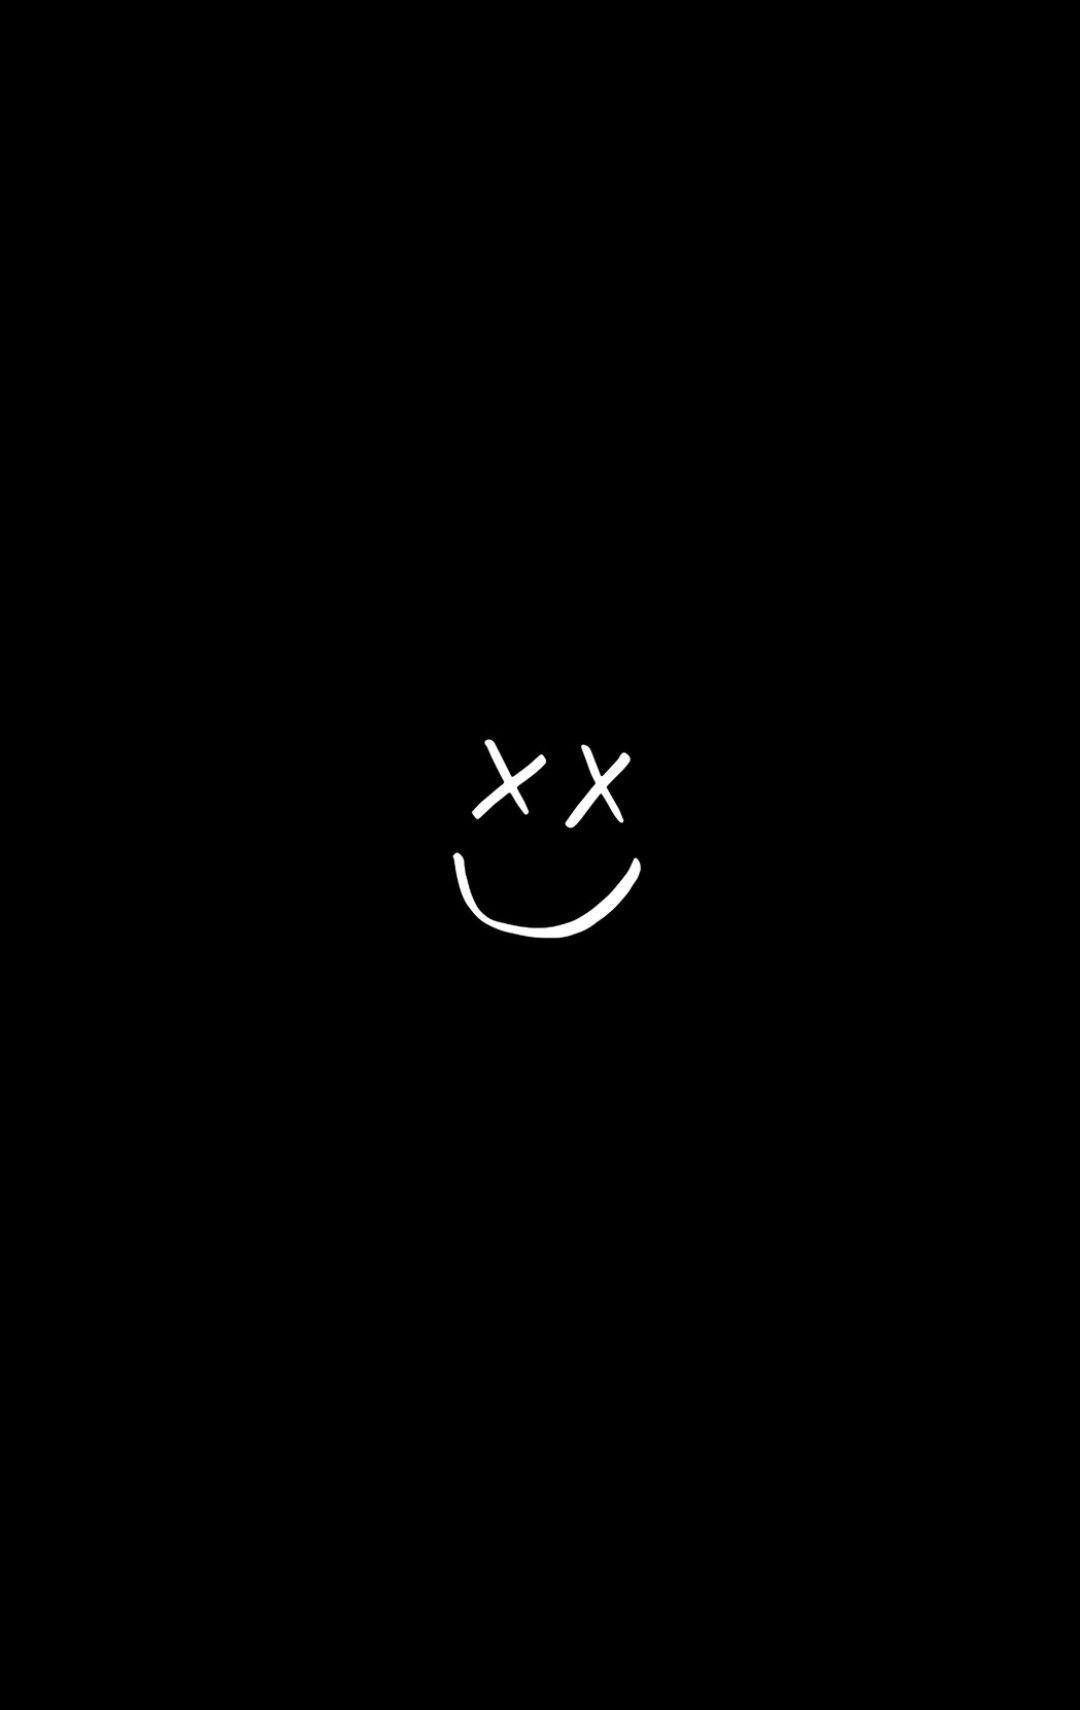 かわいいイラスト おしゃれまとめの人気アイデア Pinterest はる 2021 黒壁紙 黒の壁紙 芸術的な写真